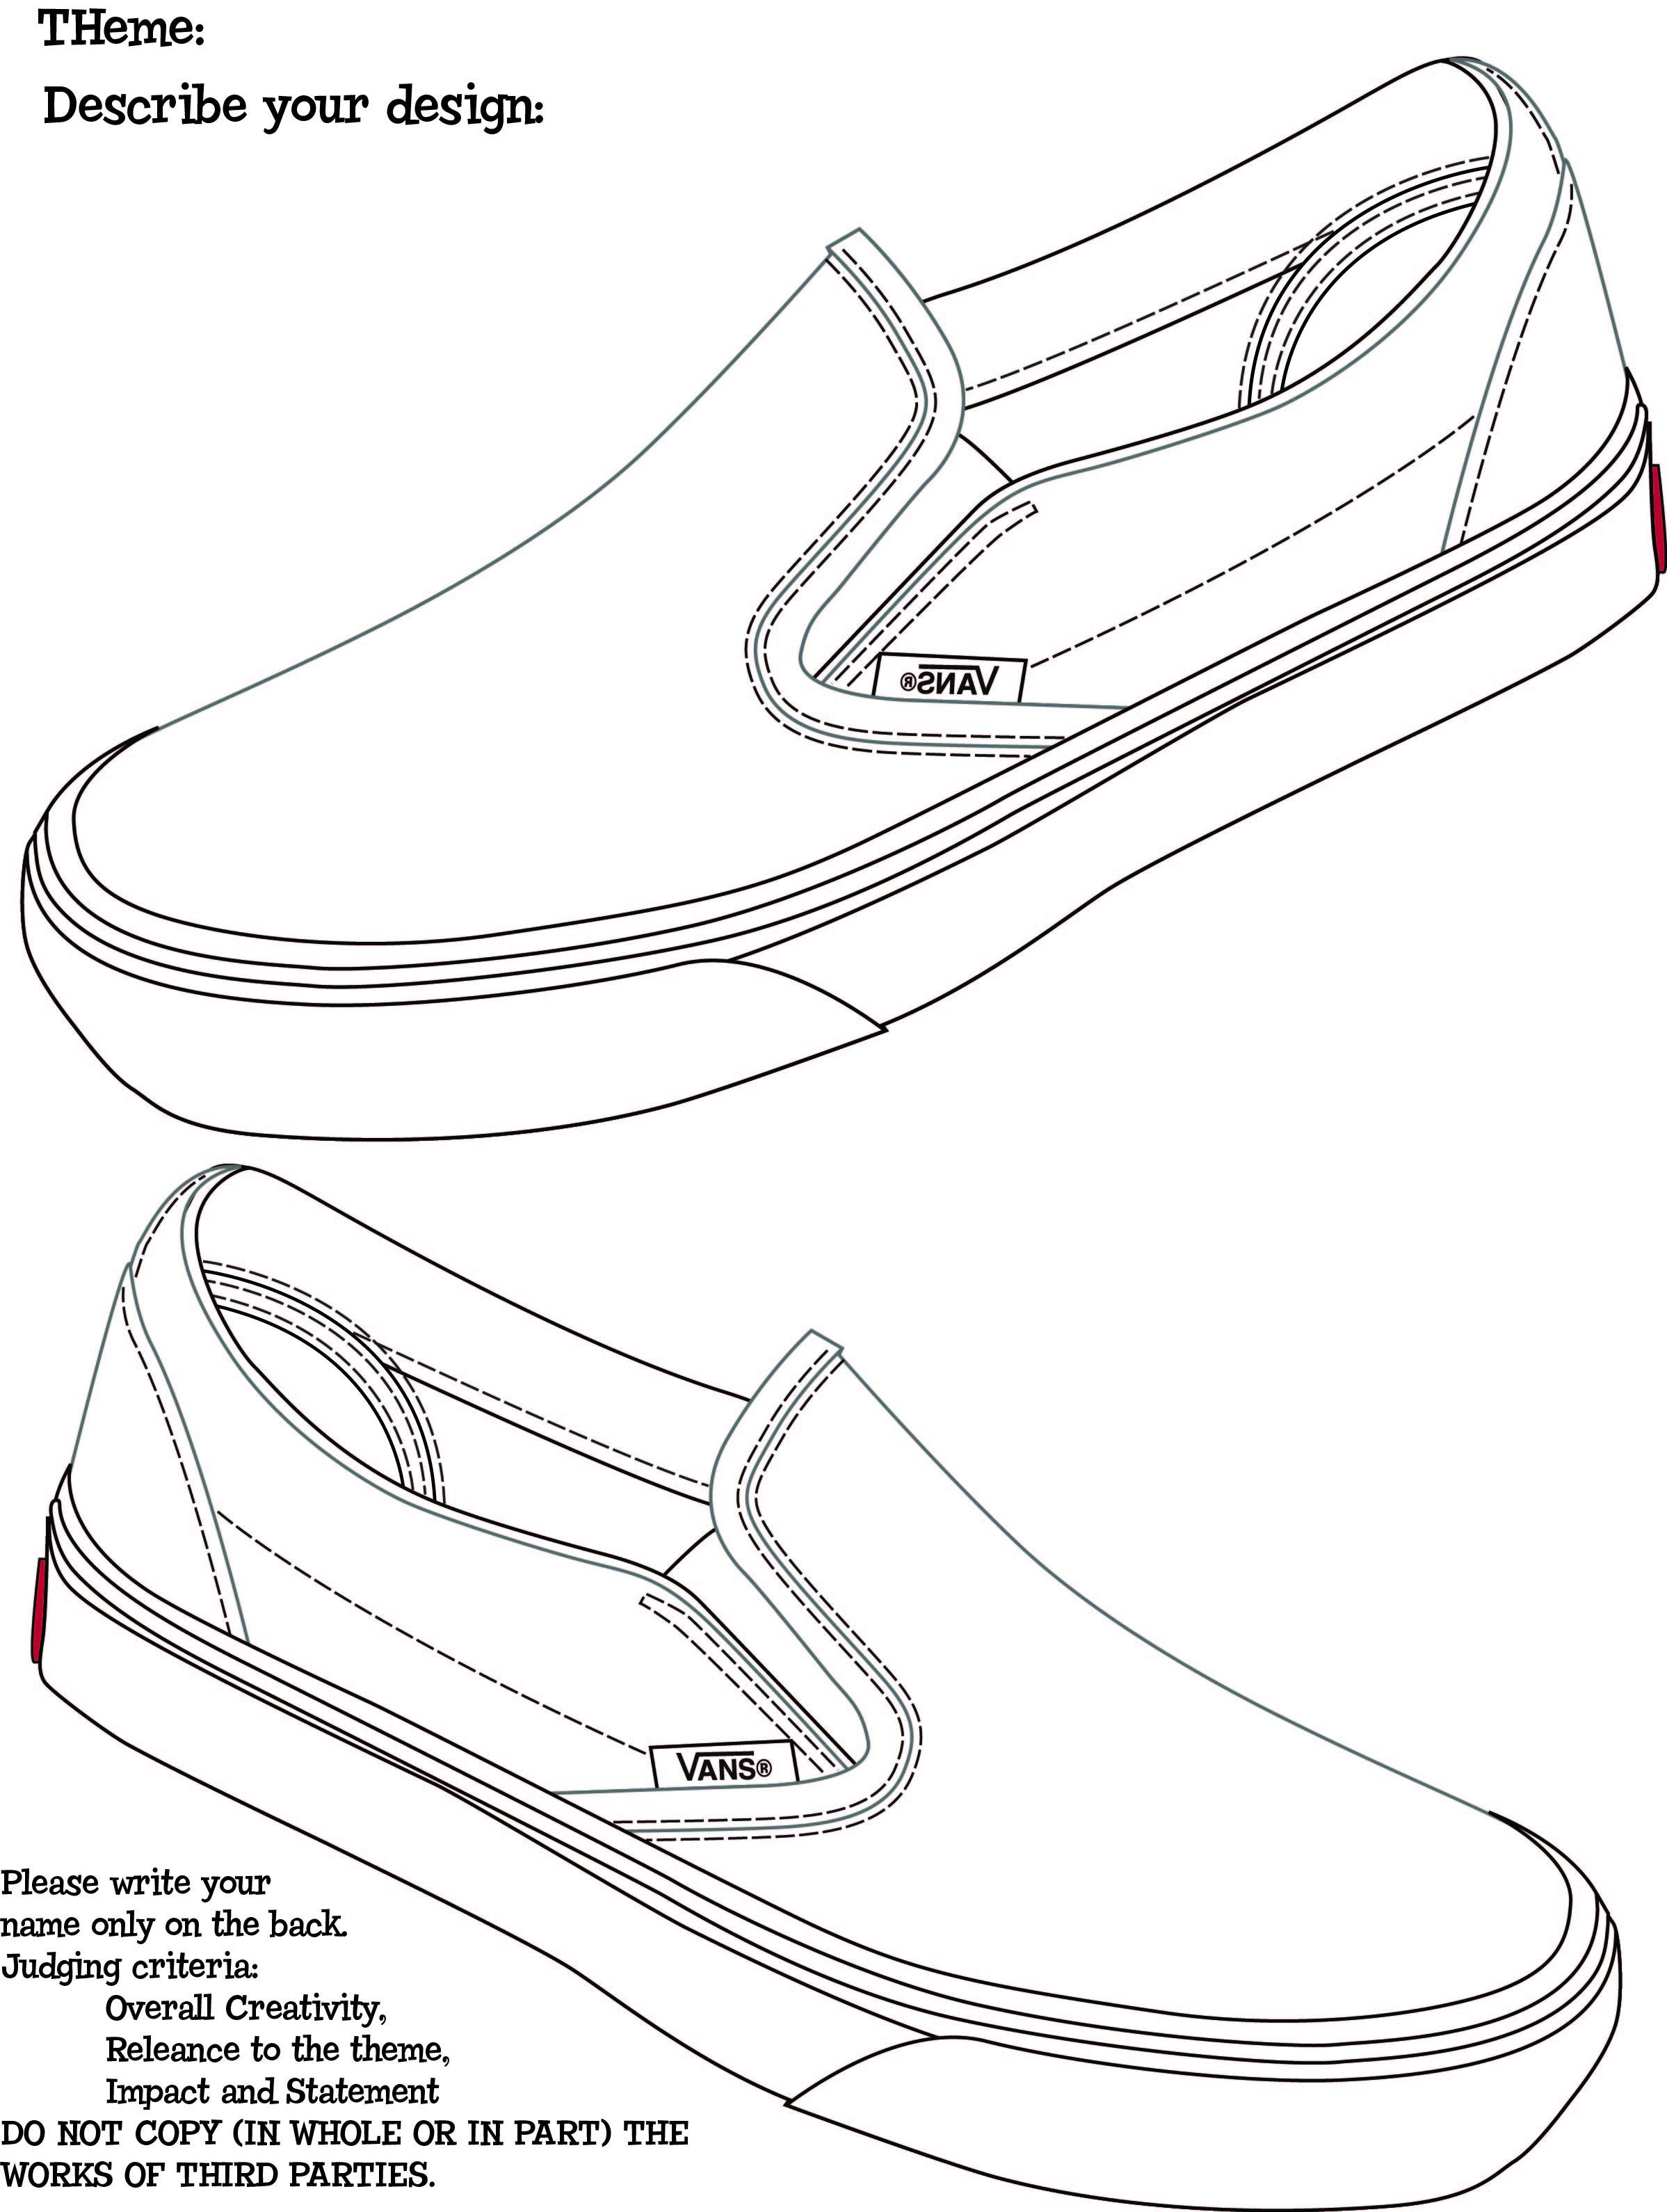 Vans Shoe Comp